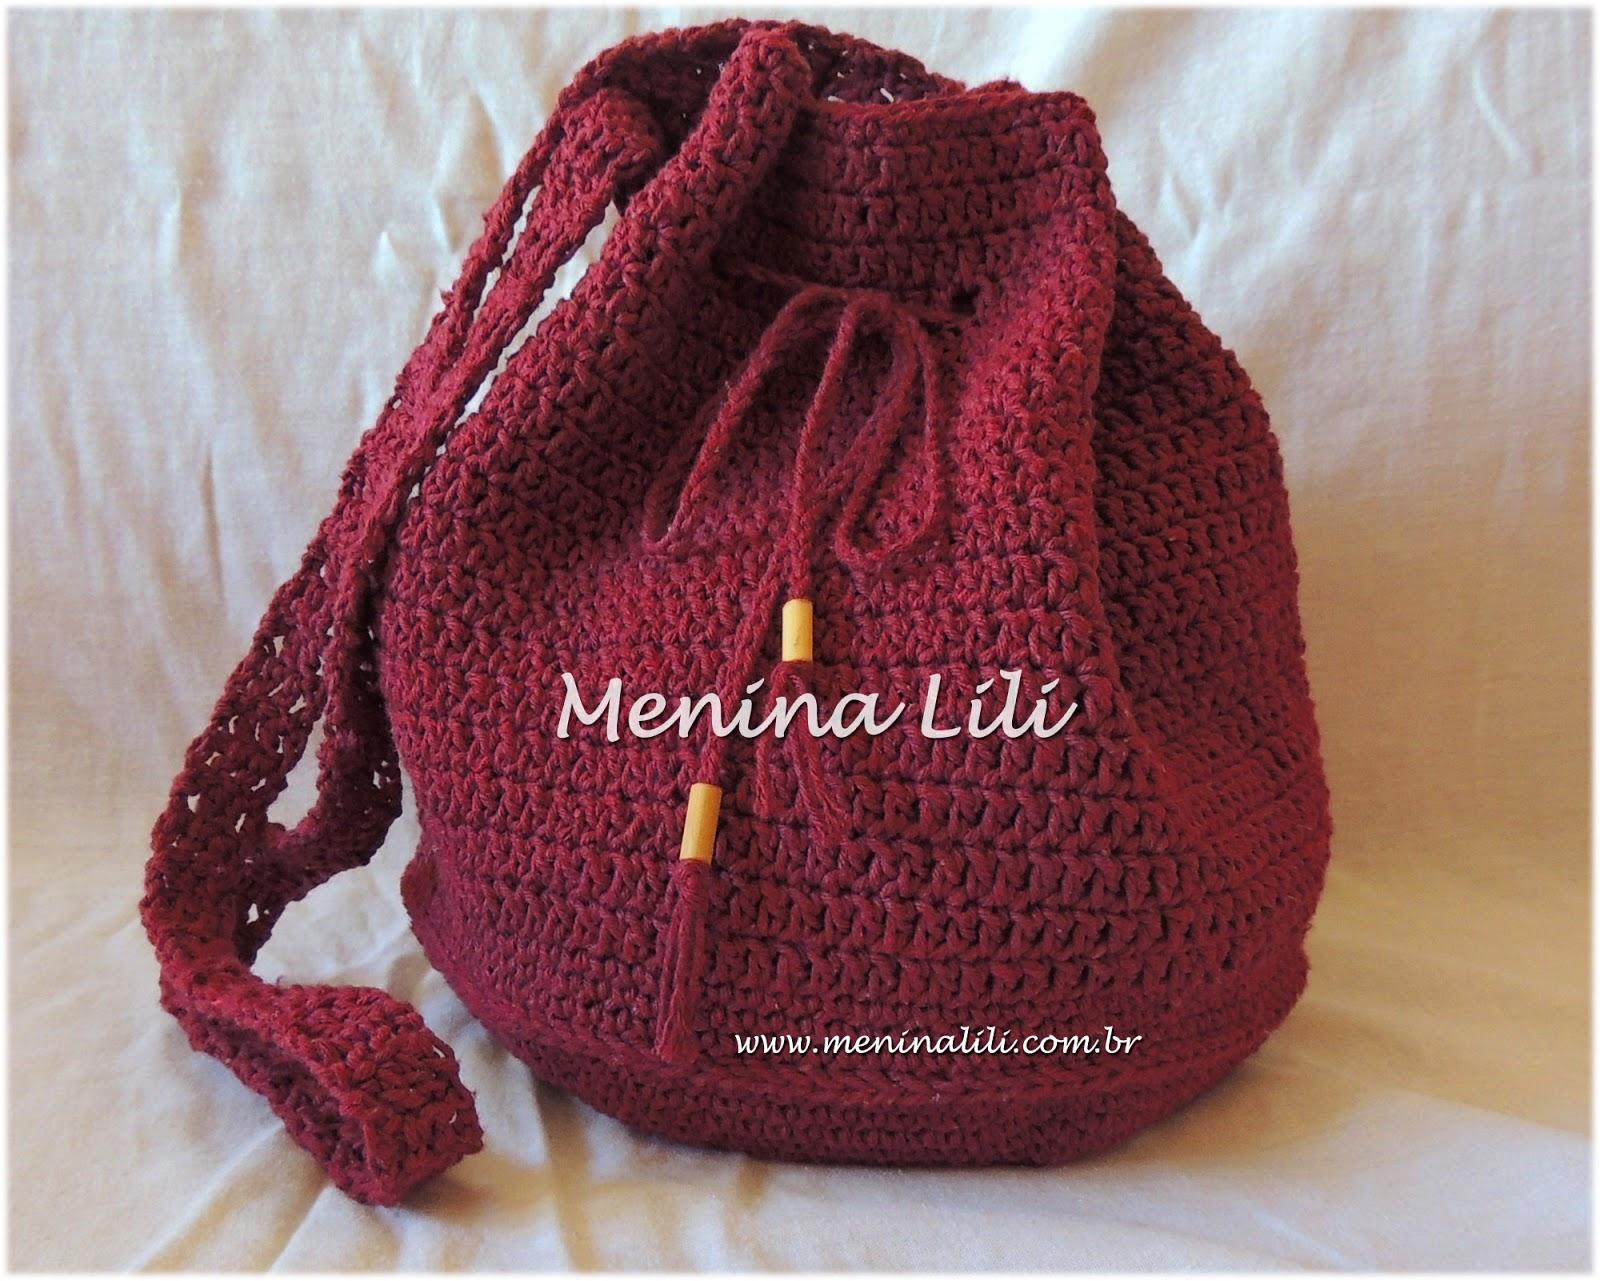 Bolsa De Festa Em Croche Passo A Passo : Menina lili croche bolsa em croch? gabriela bord? tamanho